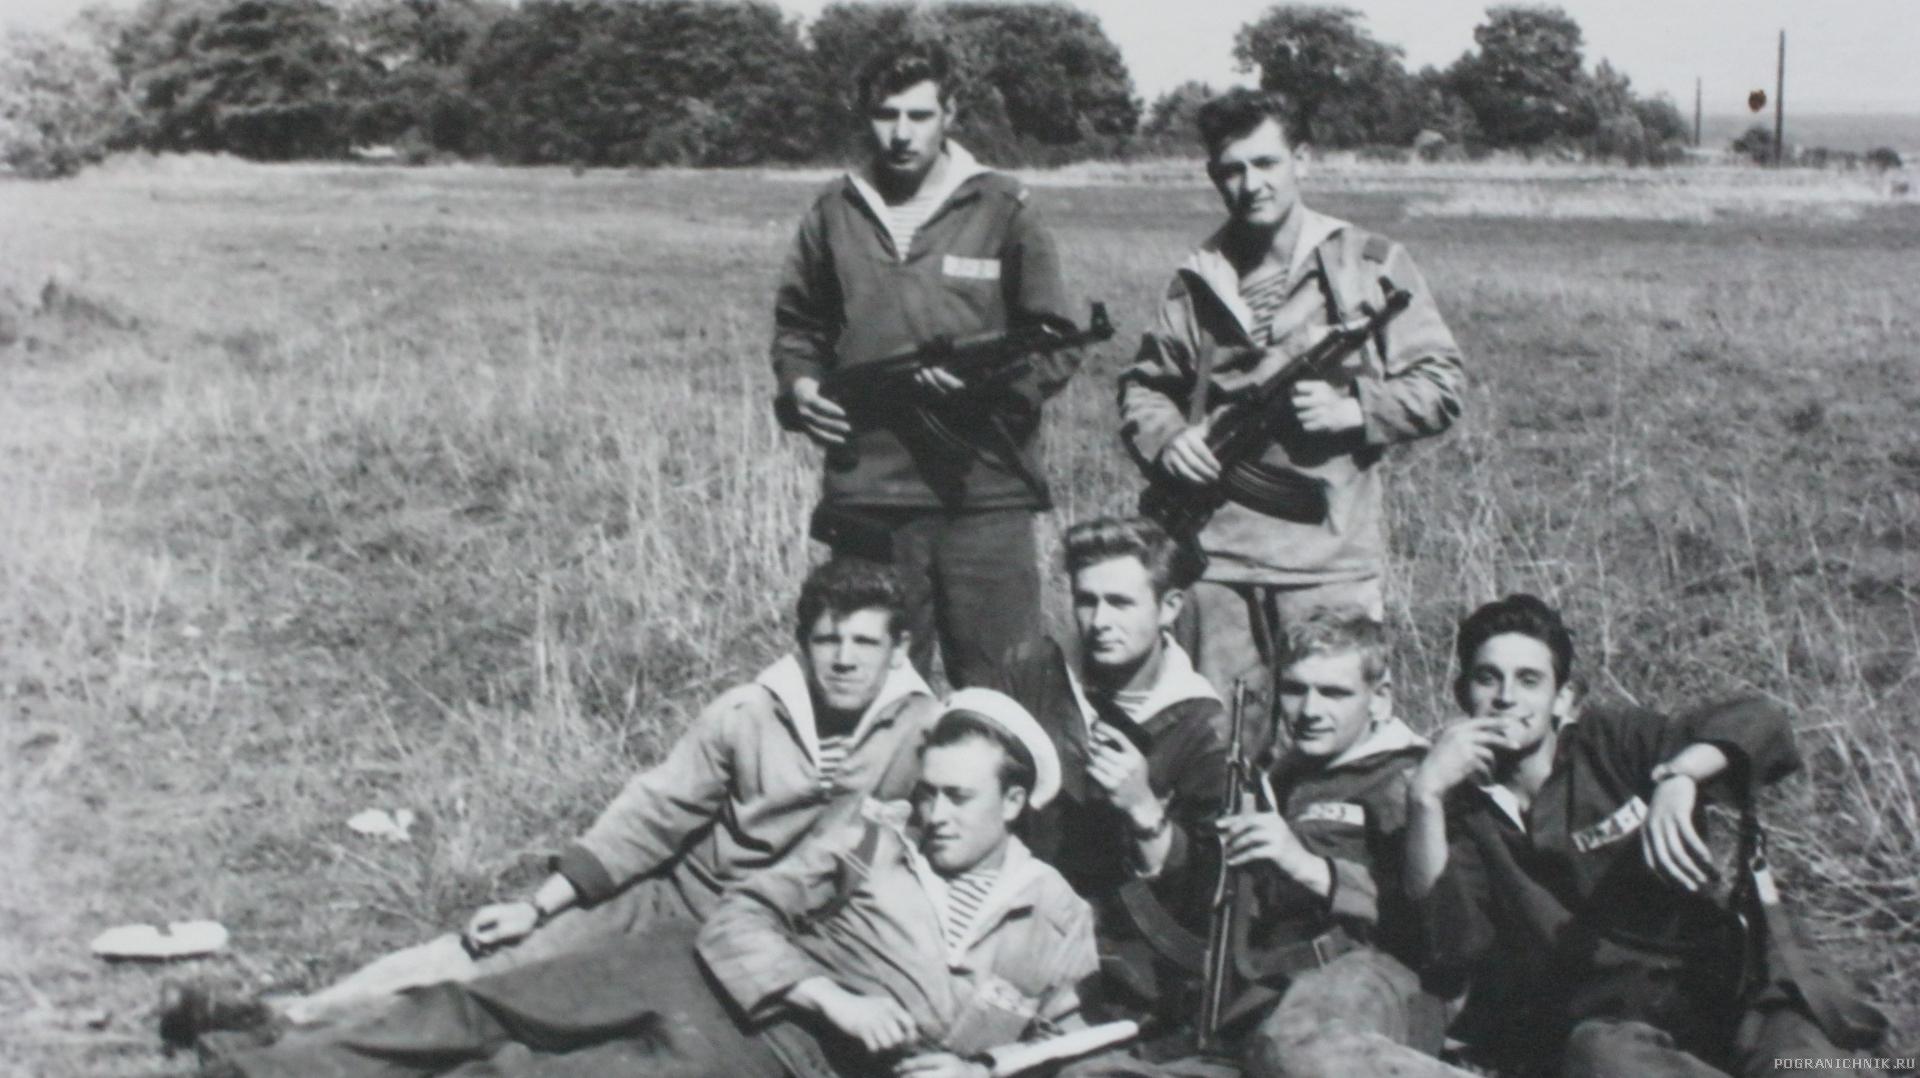 ПТР-51